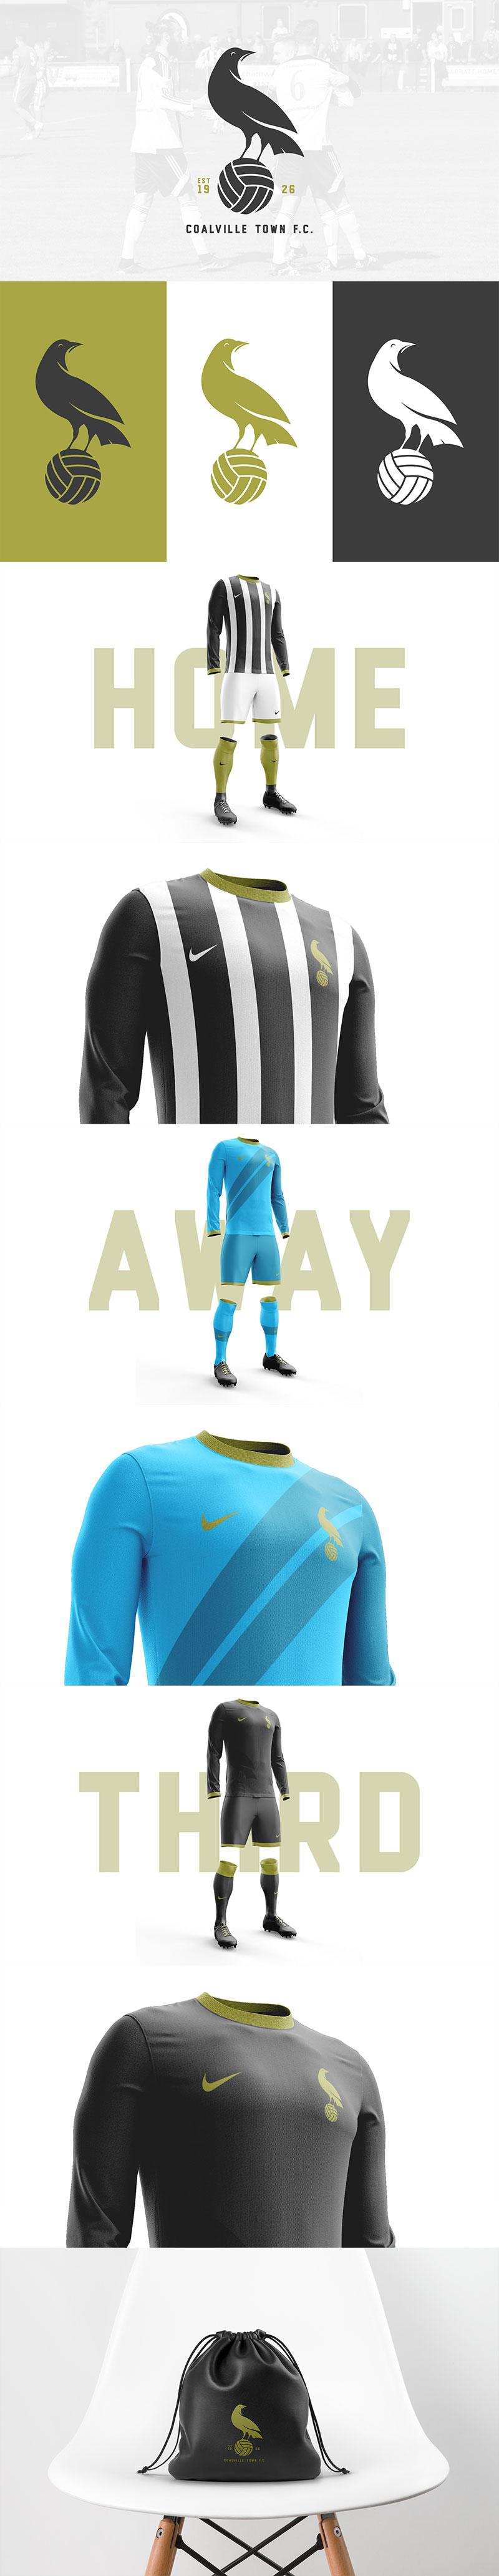 Diseños de la marca del club de fútbol: Coalville Town FC Rebrand por Jamie Kerr